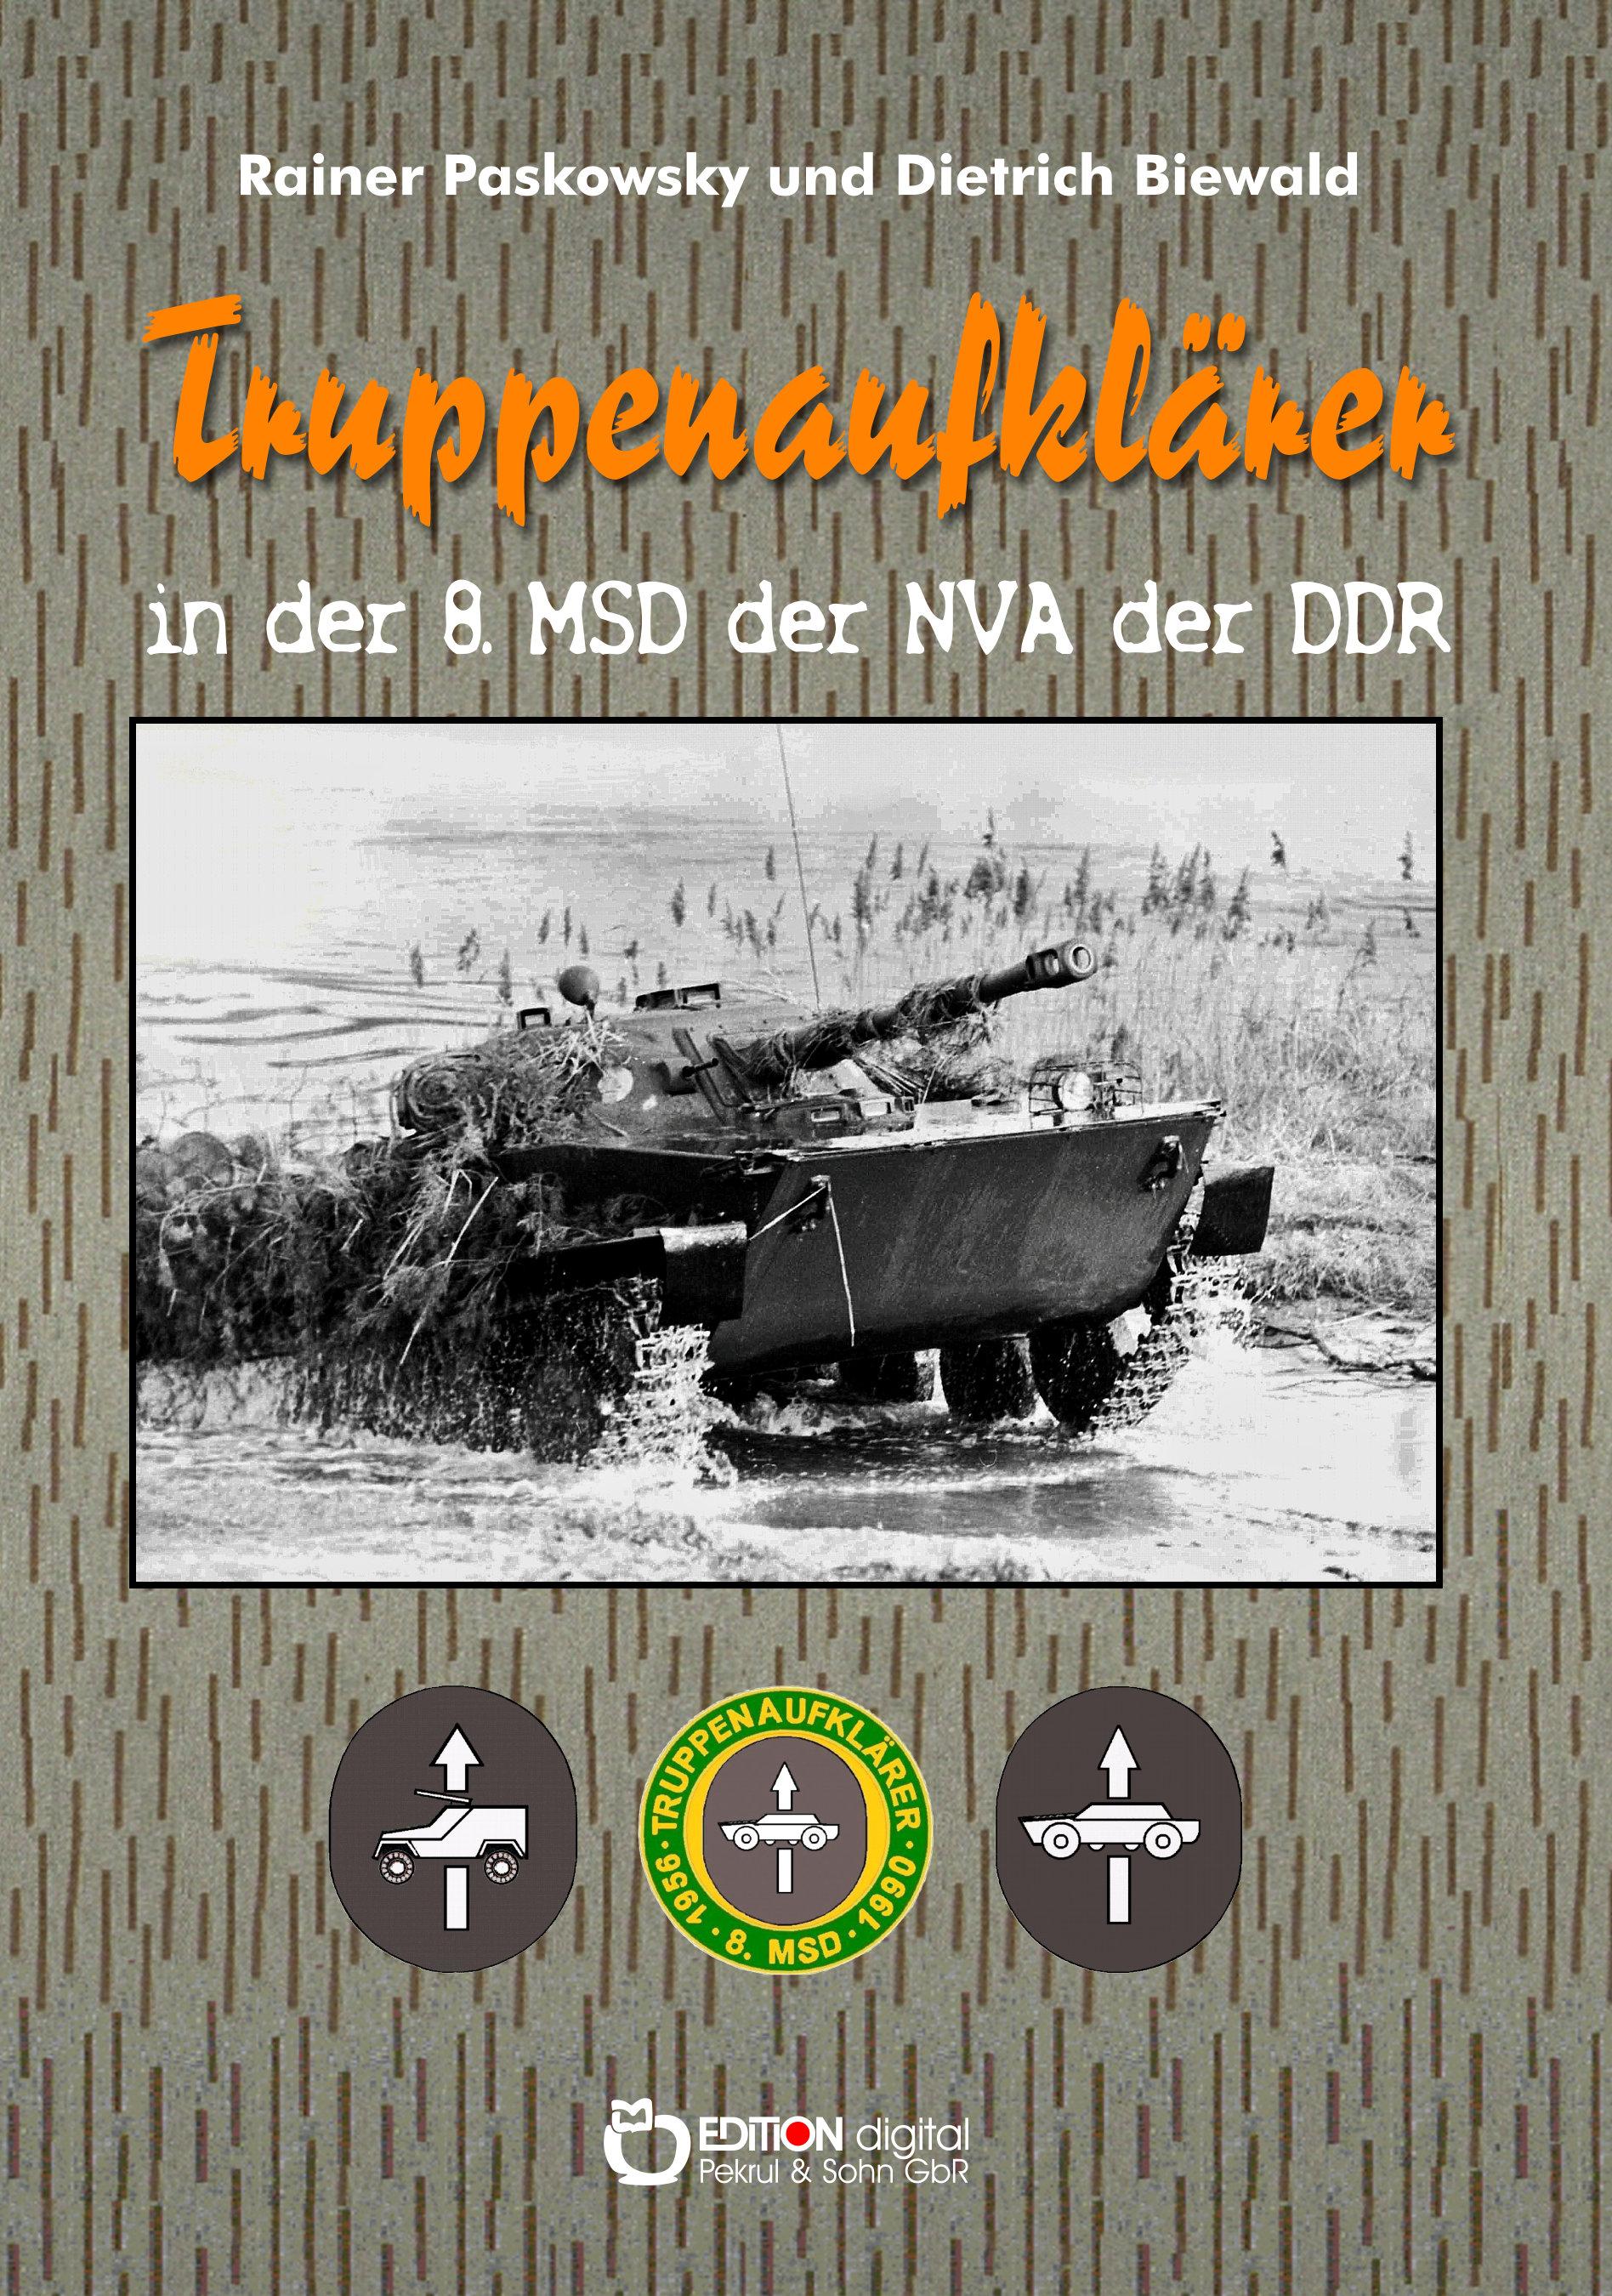 Truppenaufklärer in der 8. MSD der NVA der DDR von Rainer Paskowsky, Dietrich Biewald